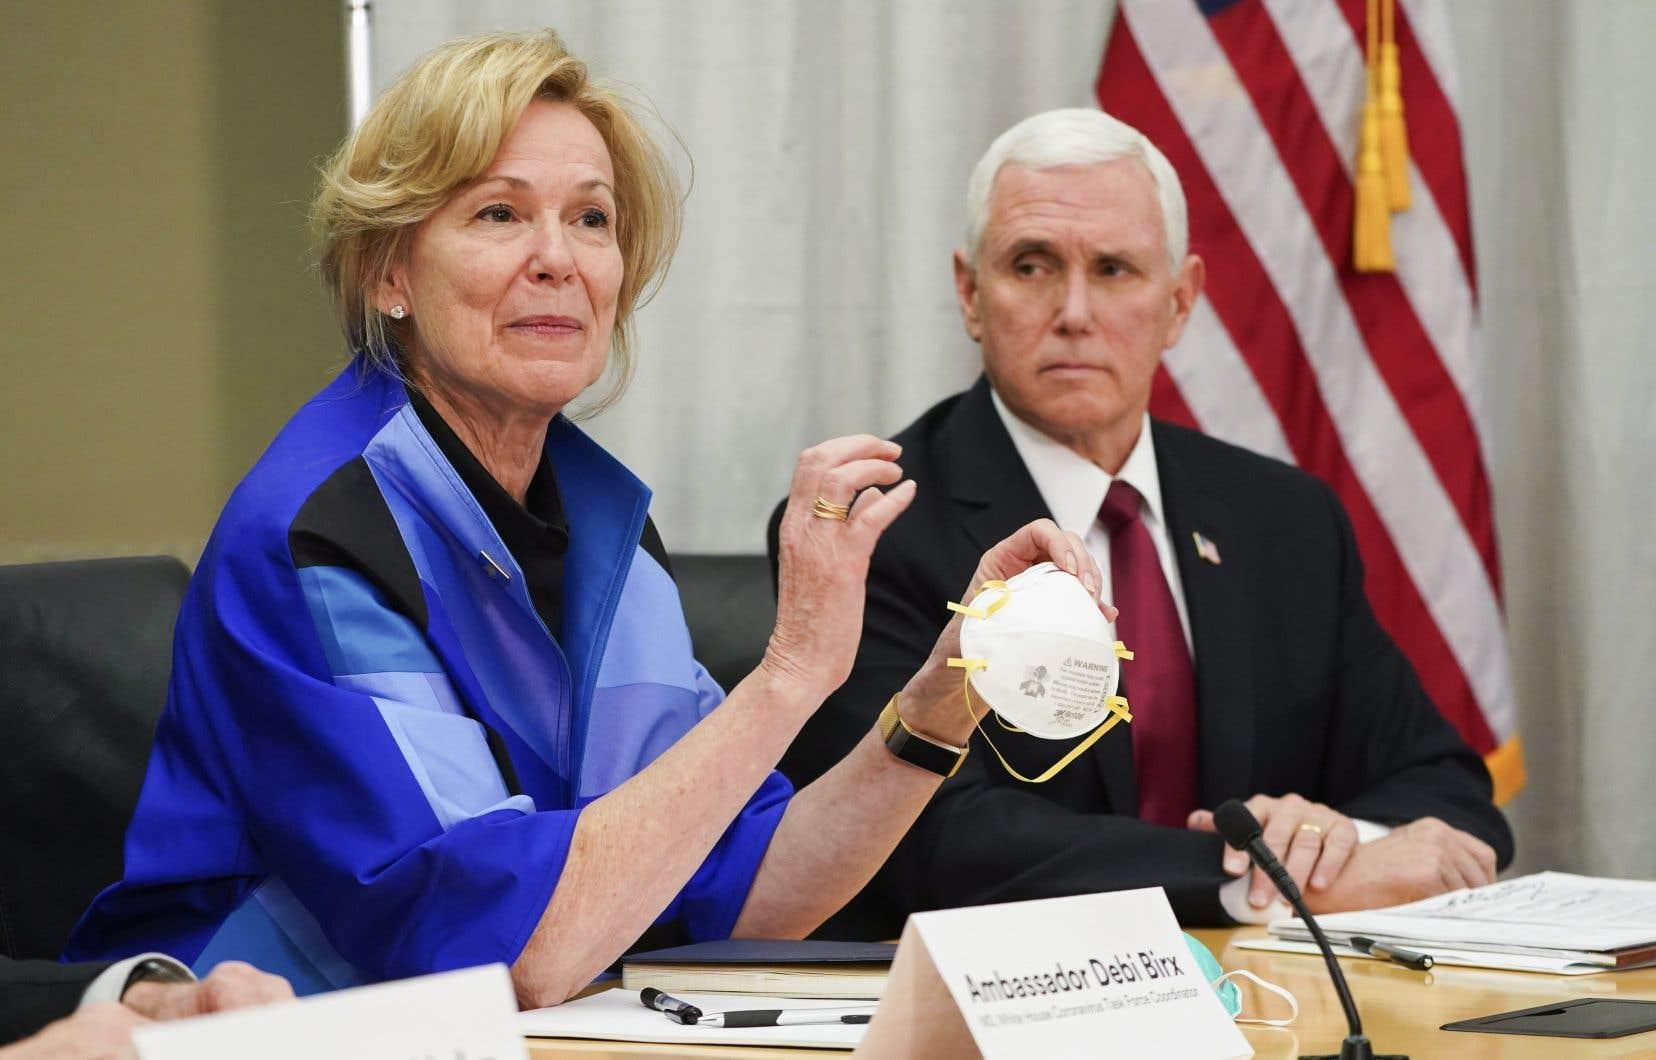 La coordonnatrice américaine de la stratégie contre la pandémie de COVID-19, la D<sup>re</sup> Deborah Birx, a rencontré les hauts dirigeants de la compagnie 3M avec le vice- président américain, Mike Pence, au siège social de la société, au Minnesota, le 5 mars dernier.